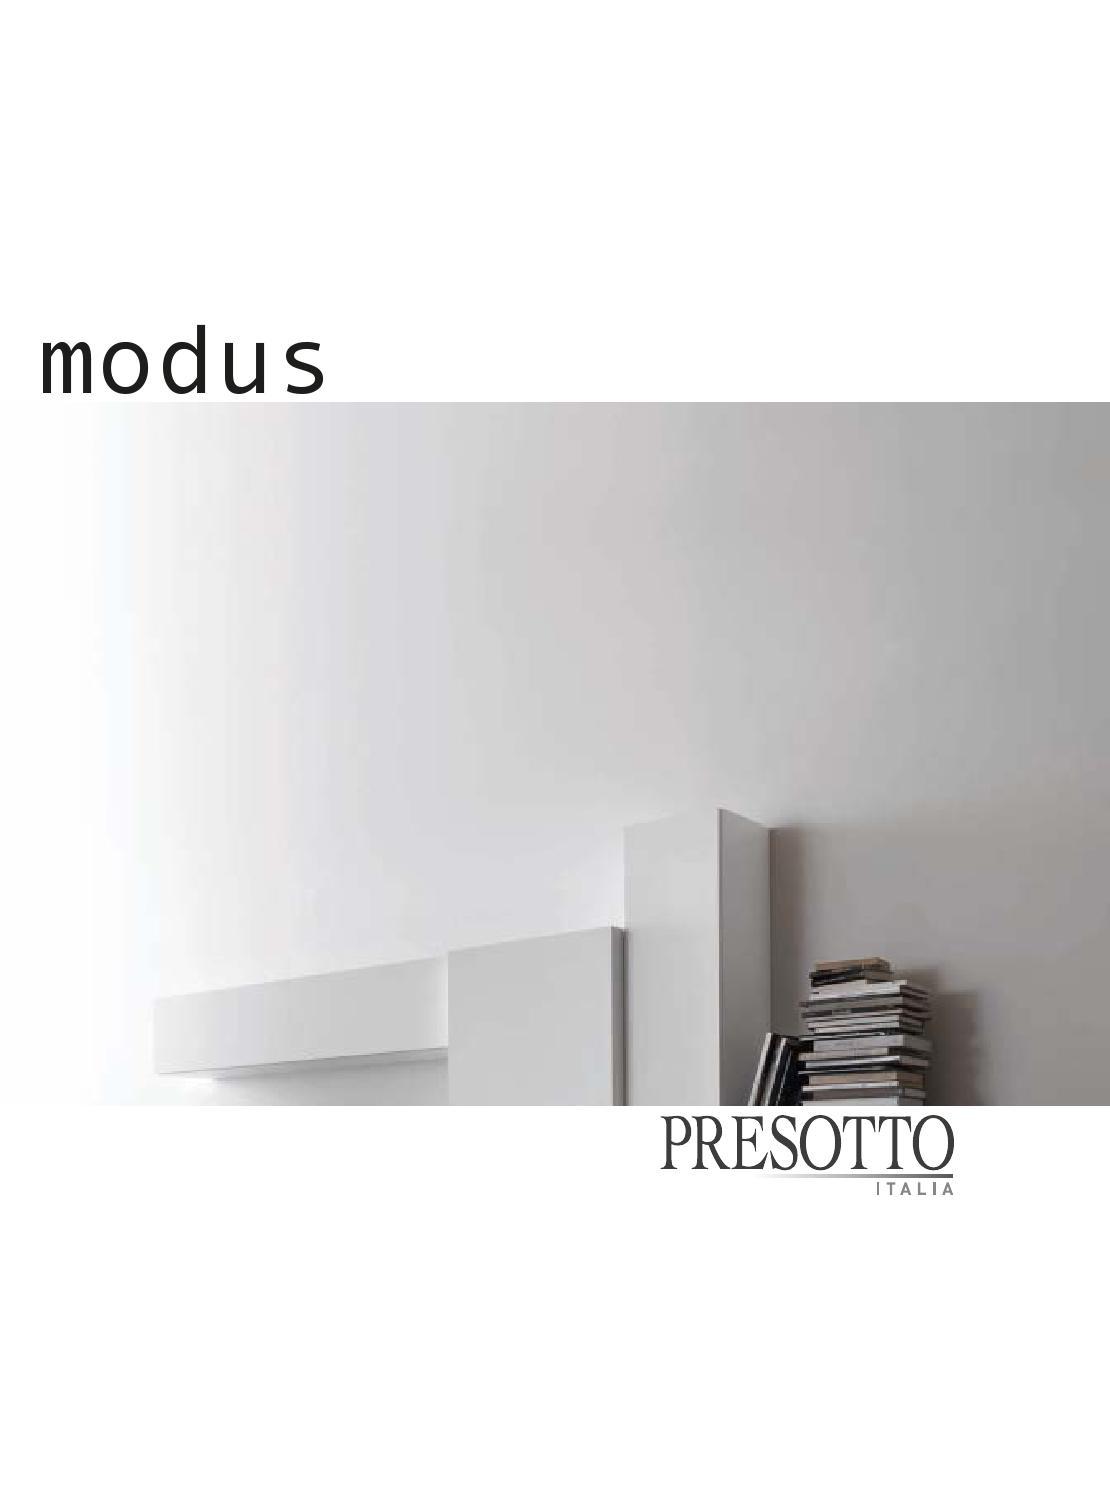 Presotto modus catalogo by grazia mobili issuu for Catalogo presotto